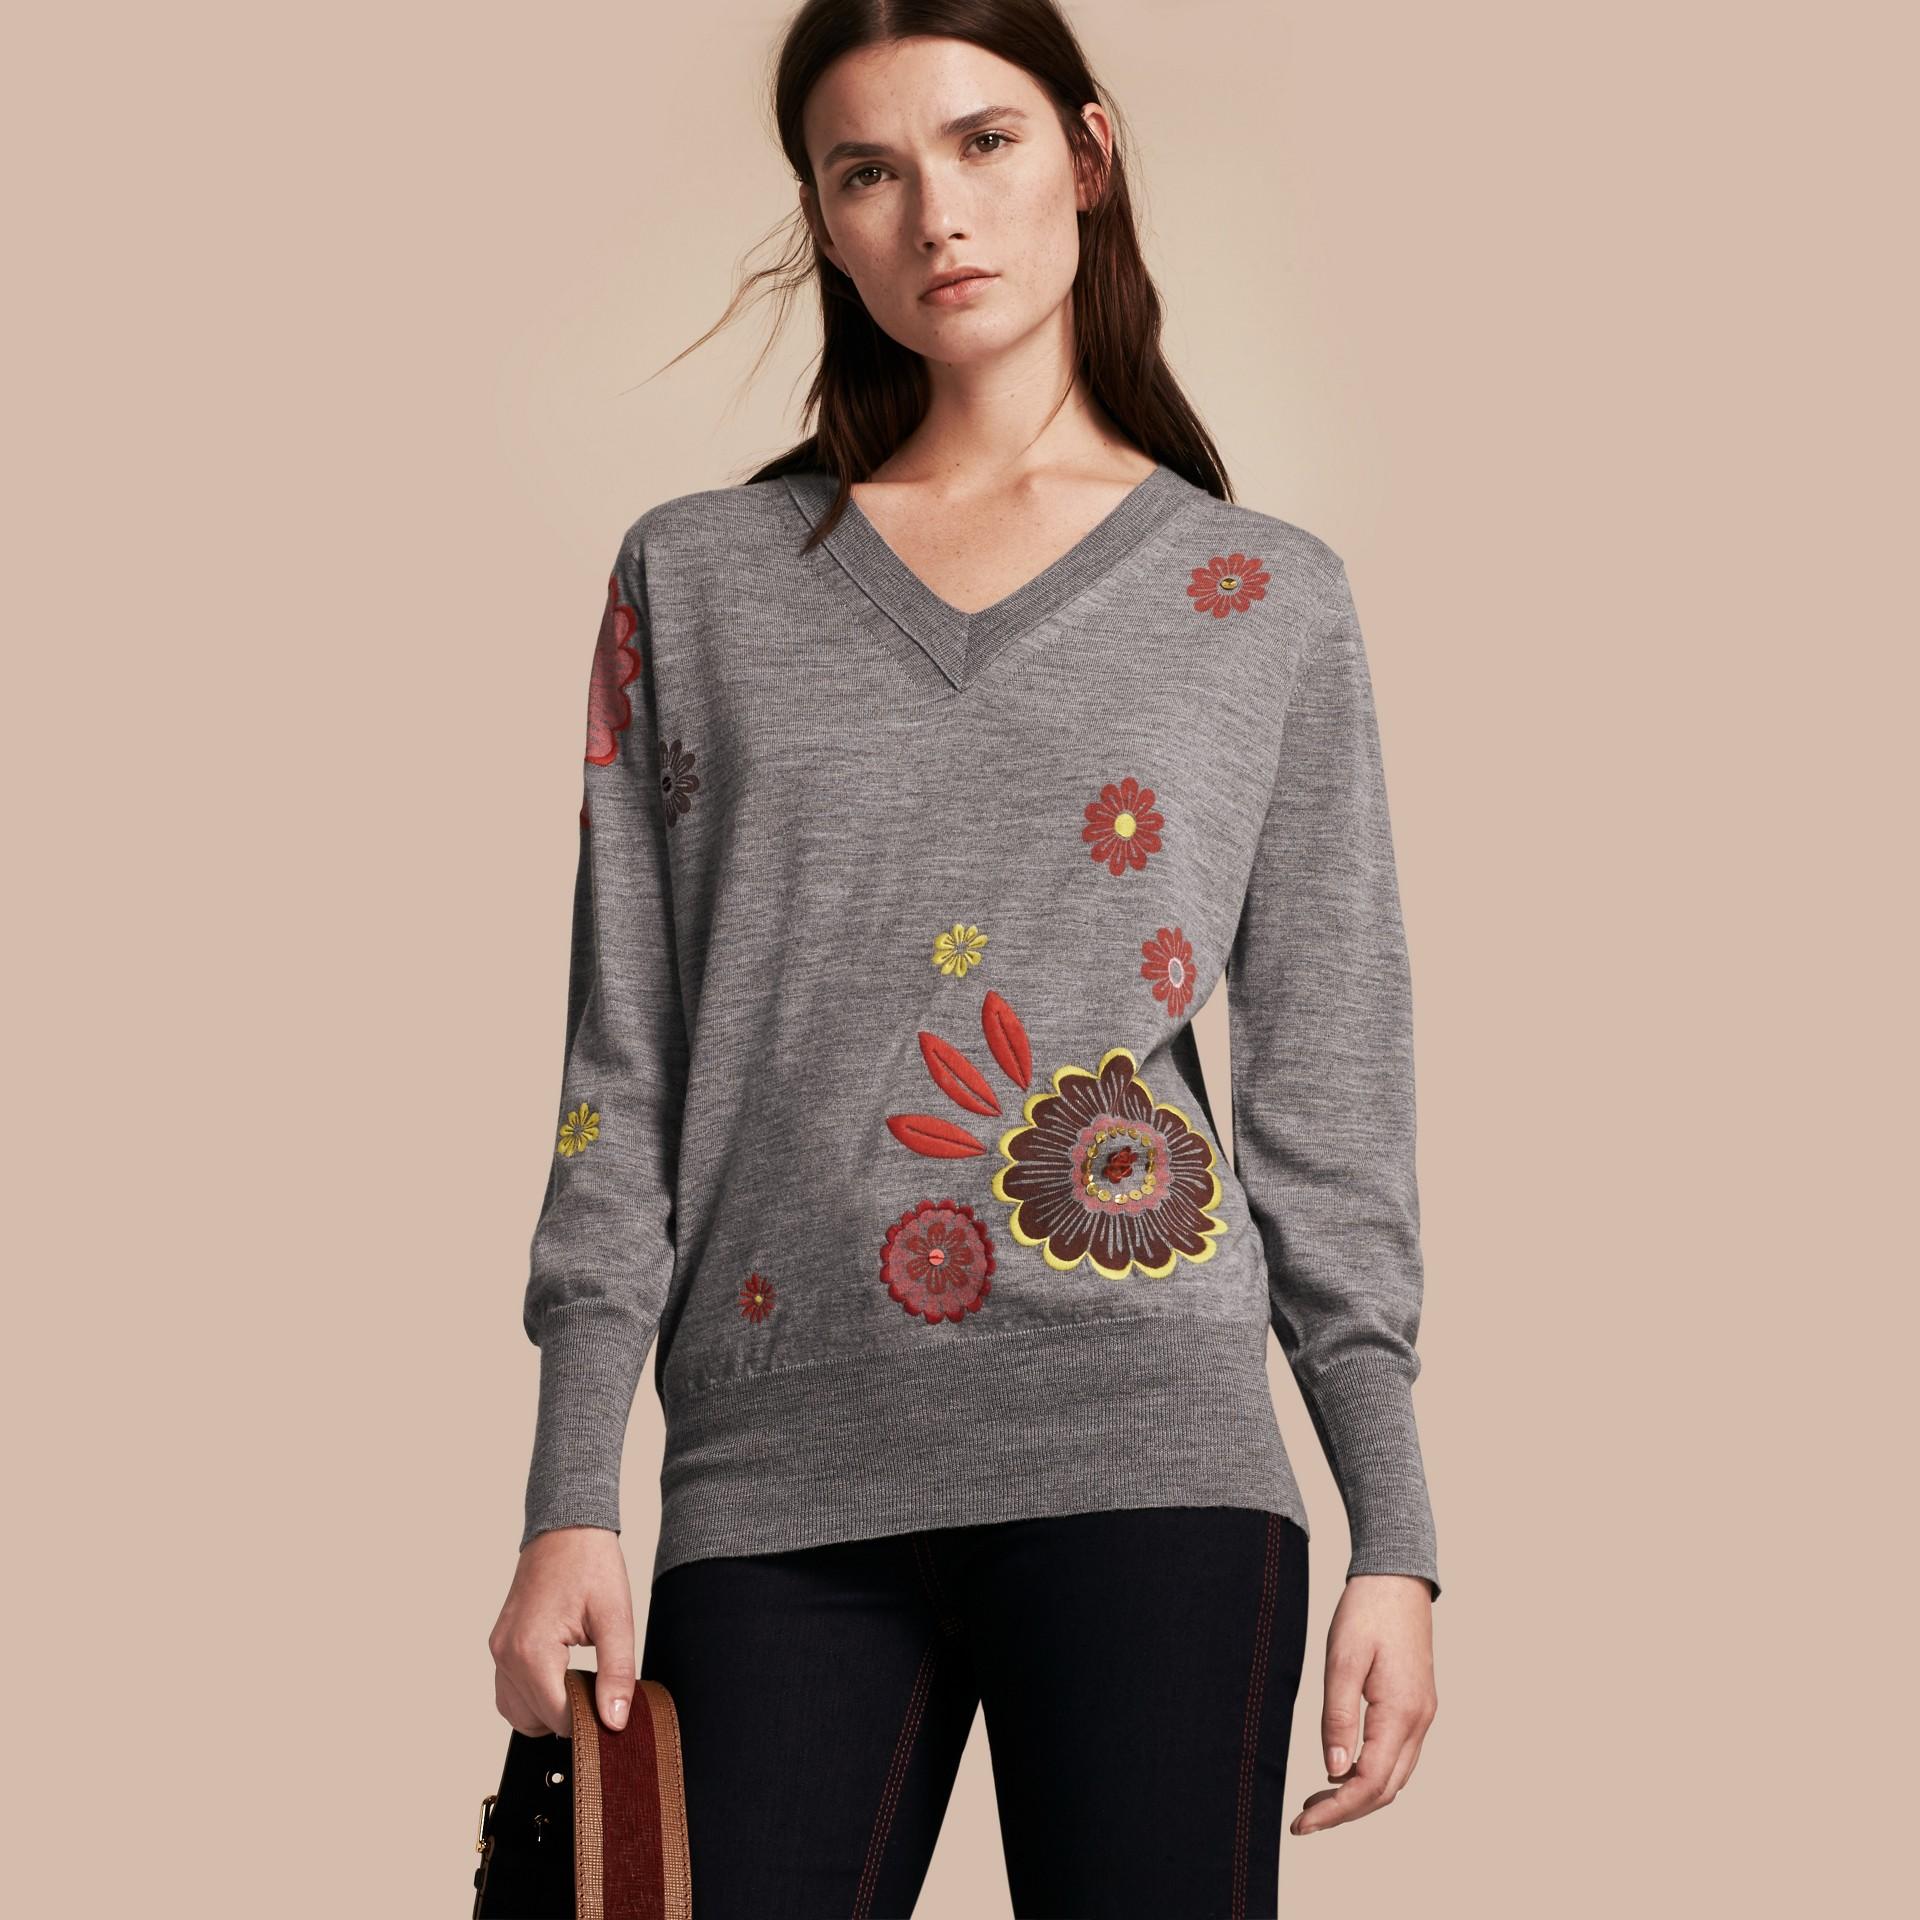 Grigio medio mélange Pullover in lana Merino con scollo a V e decorazione floreale - immagine della galleria 1